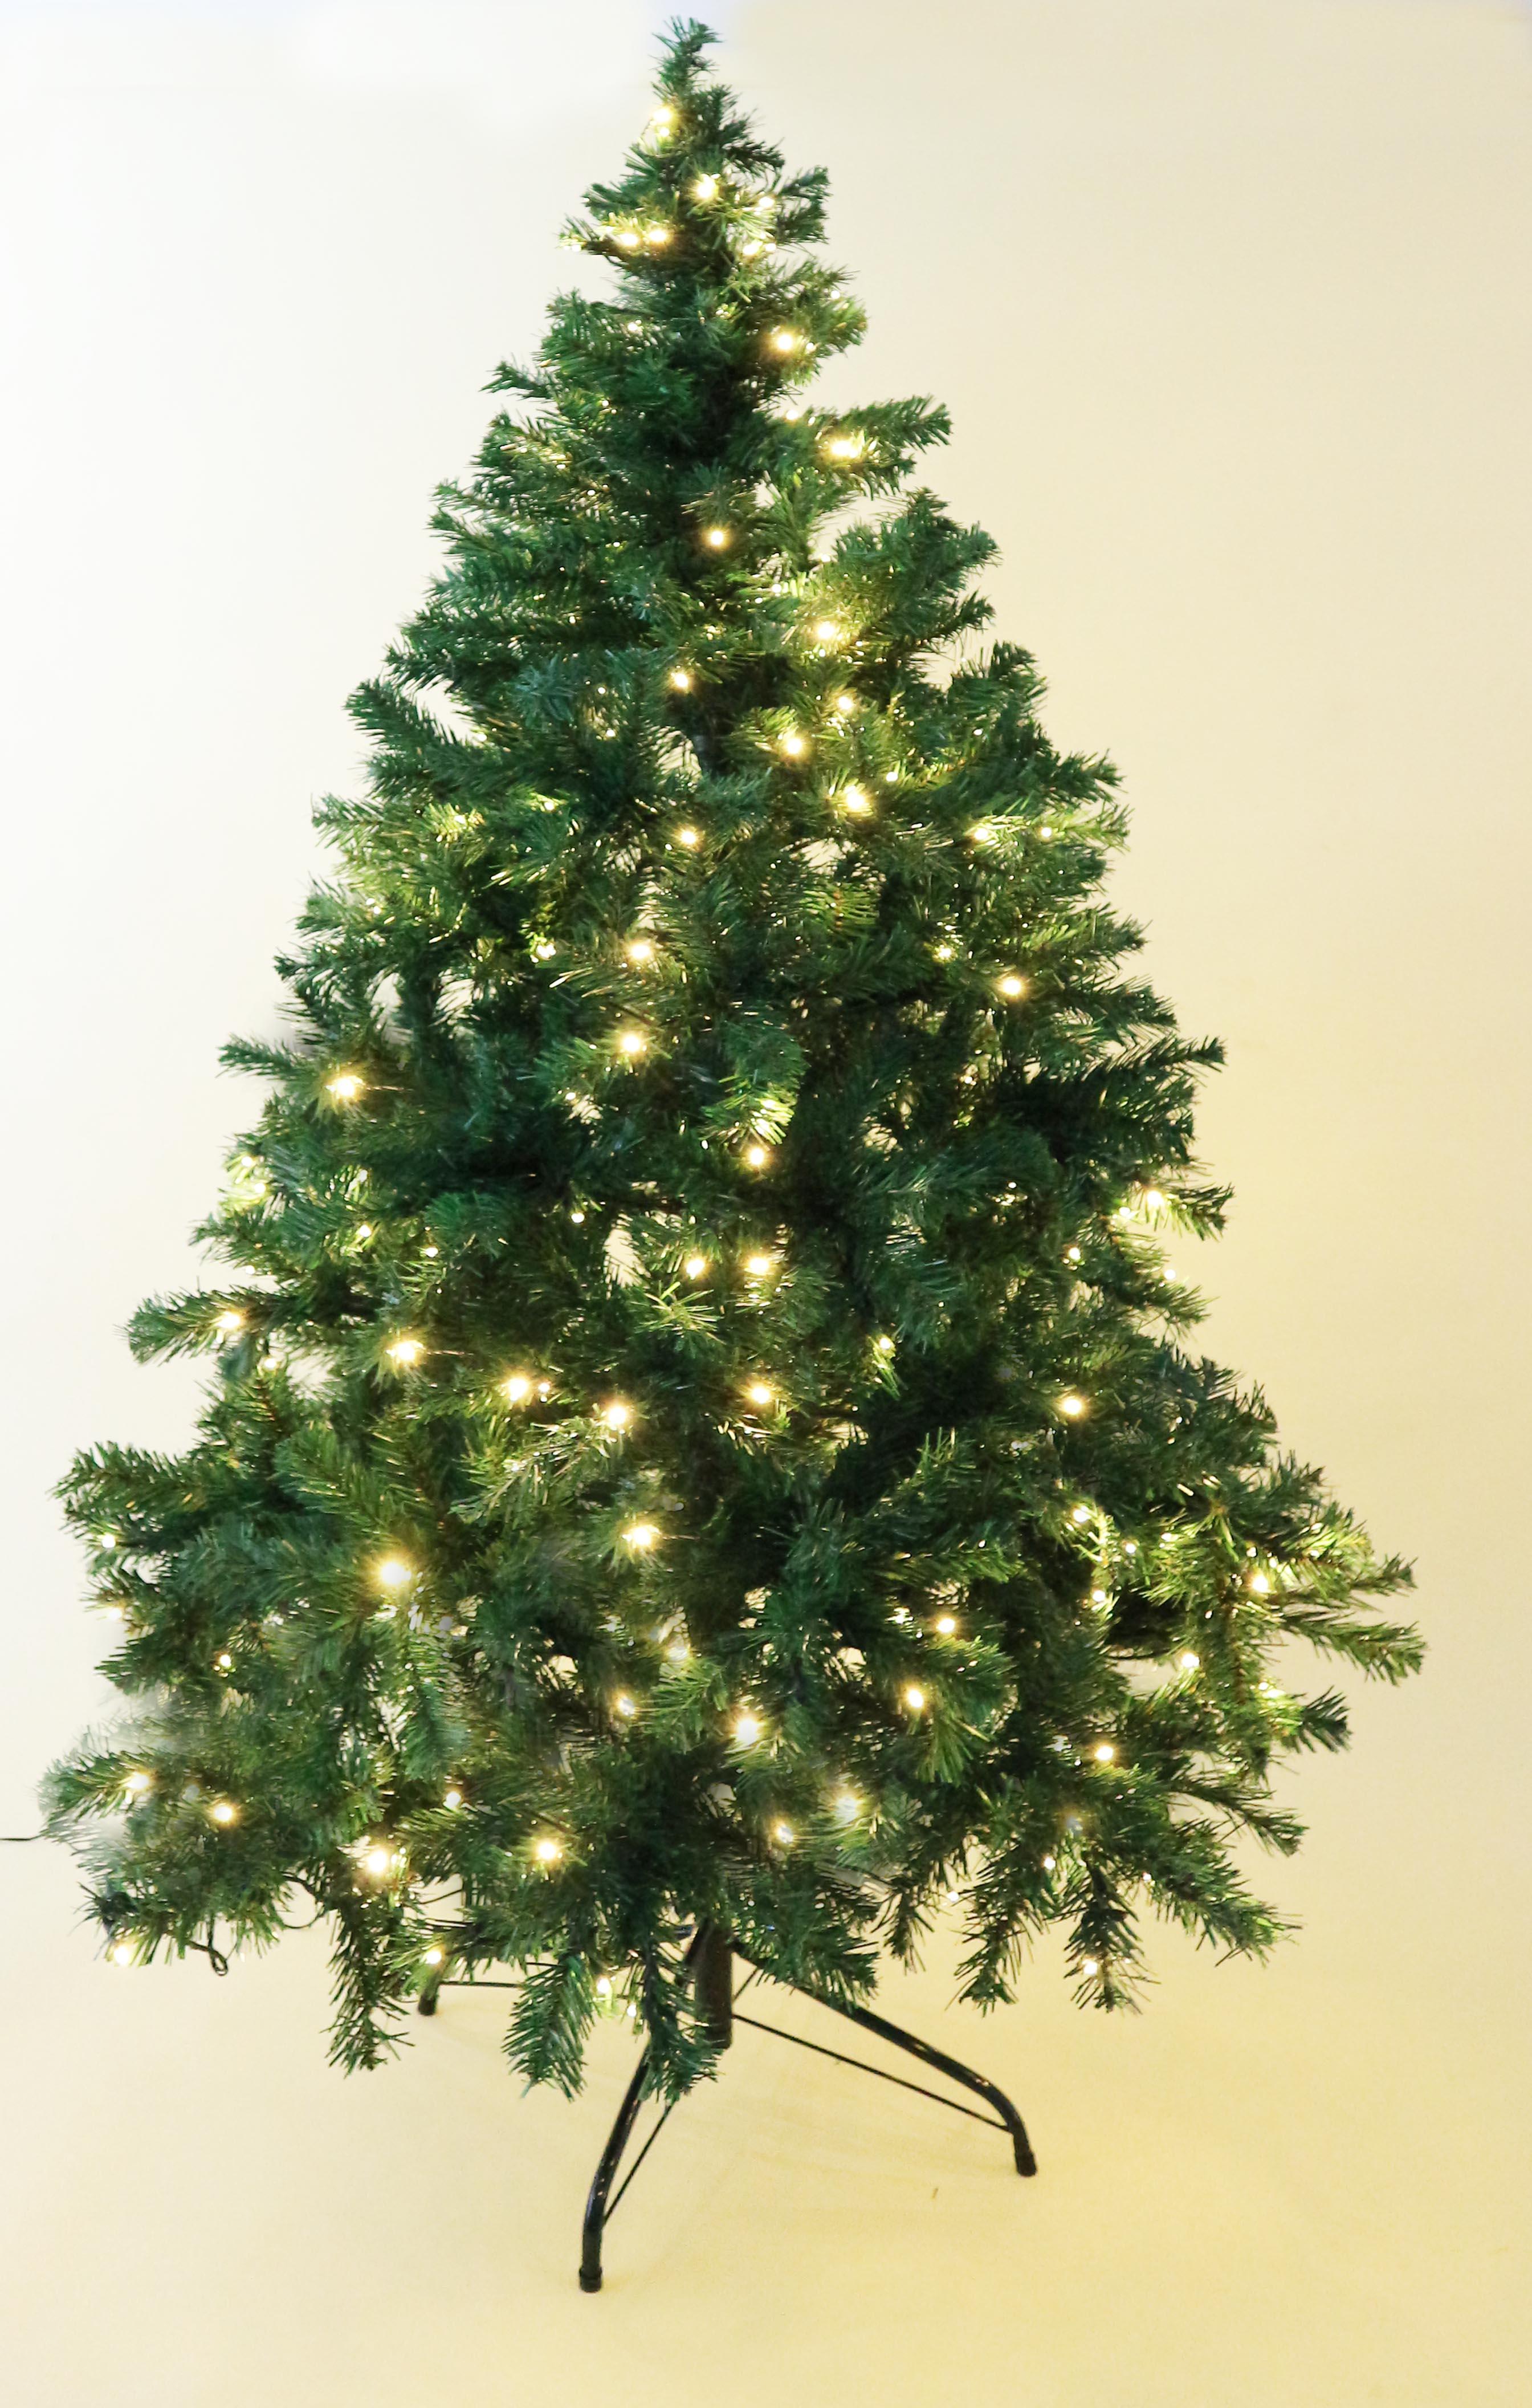 HABAU Weihnachtsbaum, künstlich, mit Beleuchtung